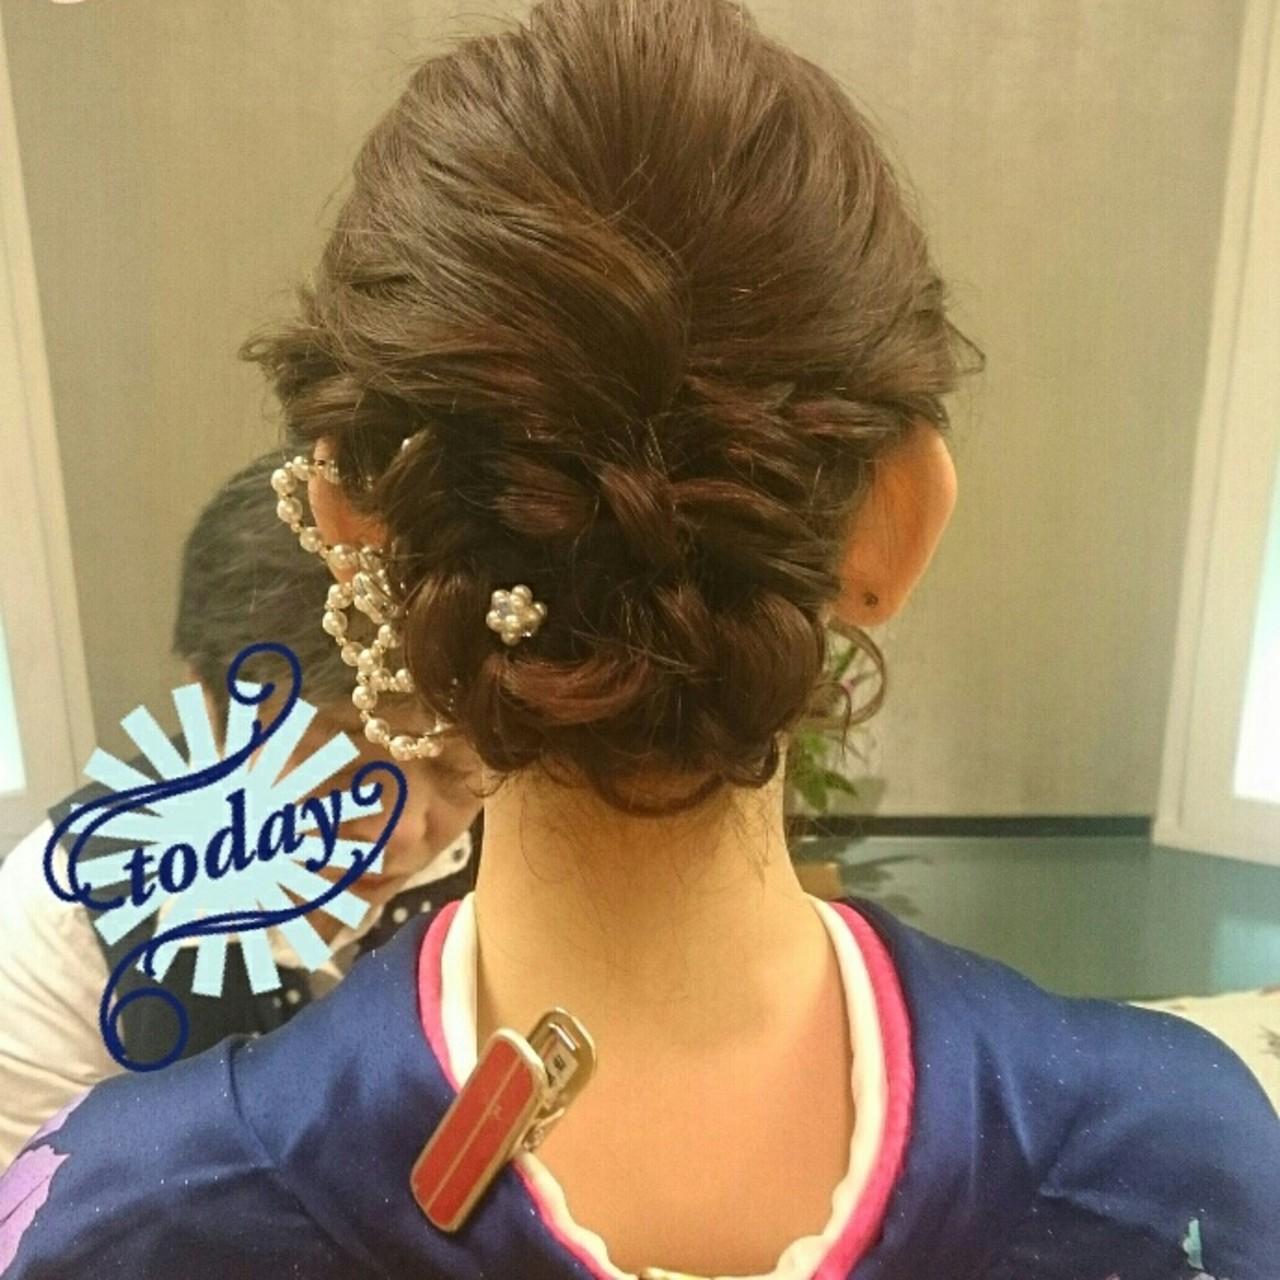 ミディアム 結婚式 着物 ブライダル ヘアスタイルや髪型の写真・画像 | 美和遥 FITZ(フィッツ) / 富士美容院 FITZ (フィッツ)